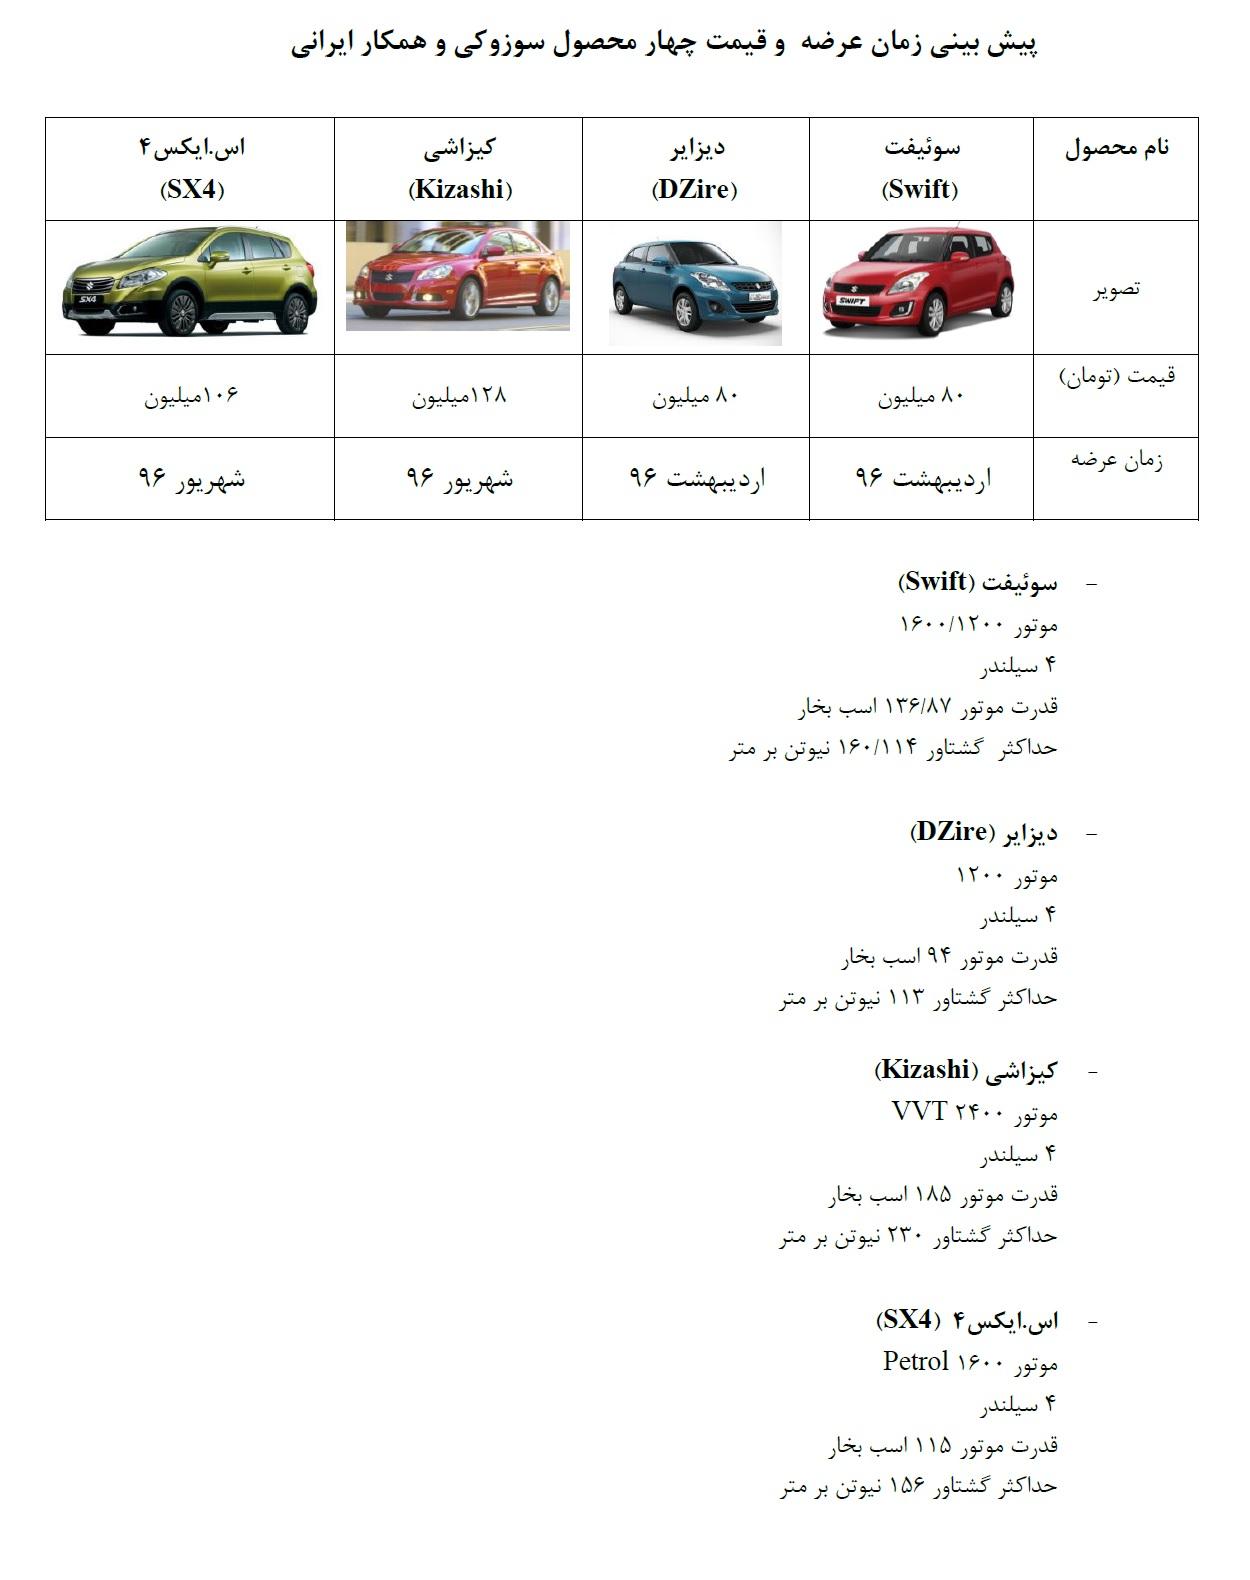 پيشبينی زمان عرضه و قيمت چهار محصول سوزوكی در ایران+ مشخصات